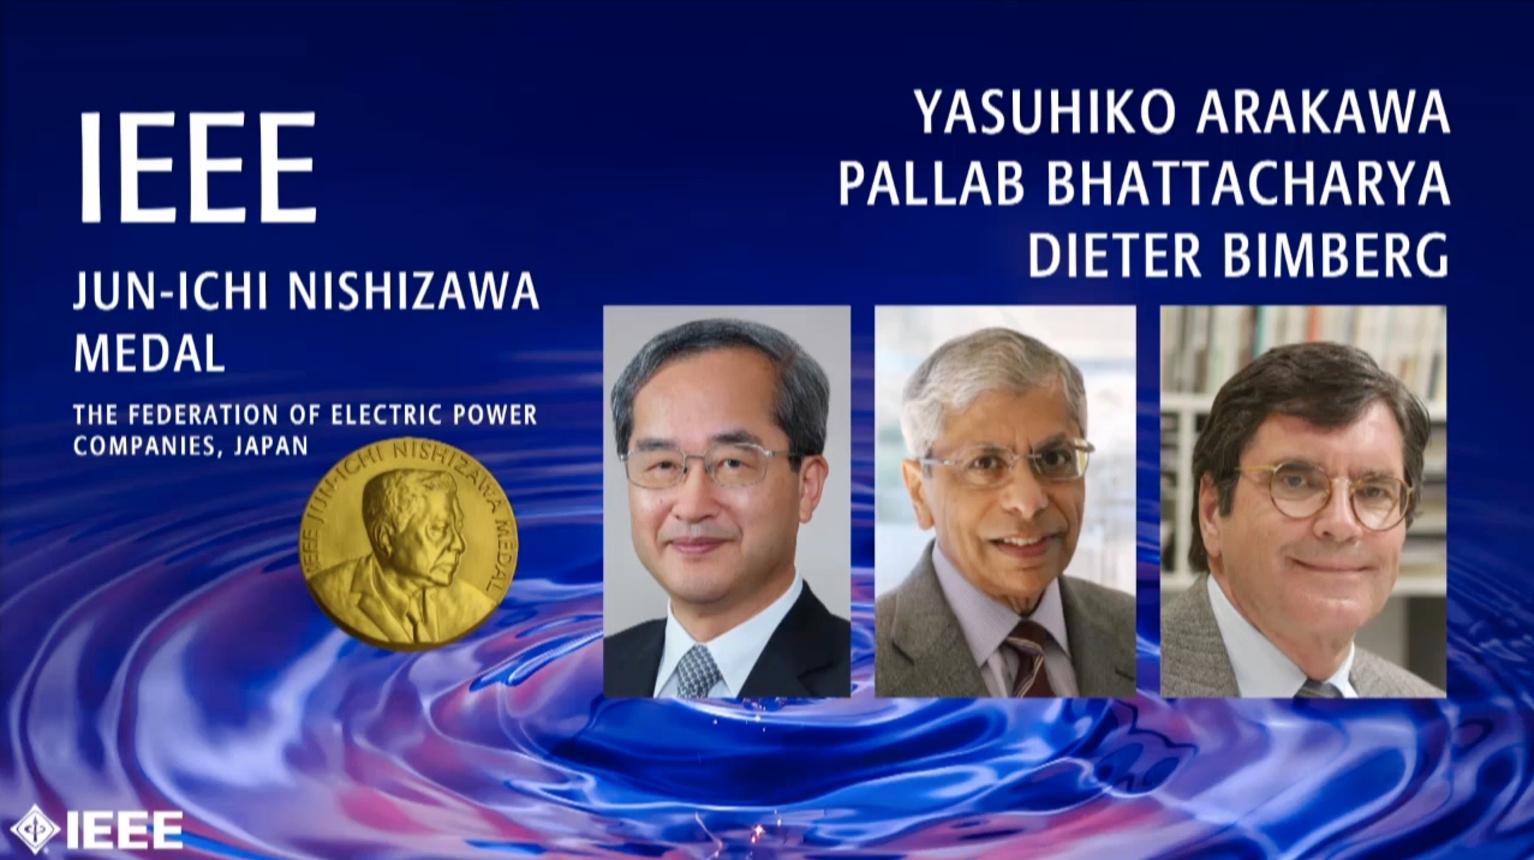 Yasuhiko Arakawa, Pallab Bhattacharya, Dieter H. Bimberg - IEEE Jun-Ichi Nishizawa Medal, 2019 IEEE Honors Ceremony